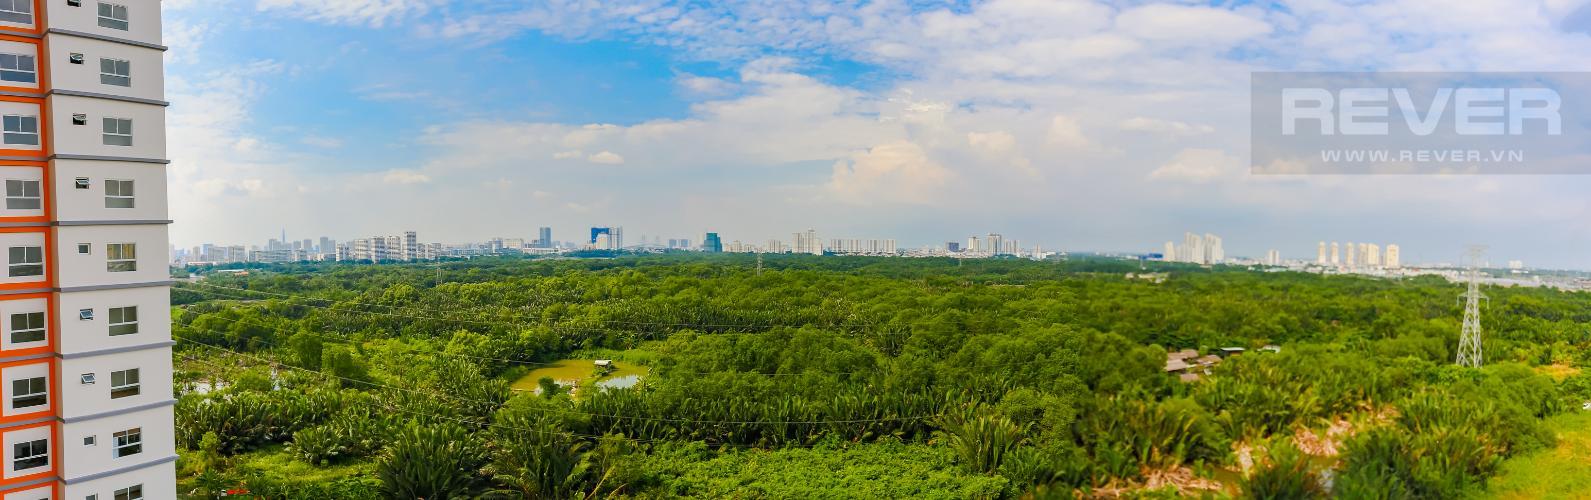 View Căn hộ Dragon Hill 2 tầng trung tháp A 2 phòng ngủ hướng Tây Nam